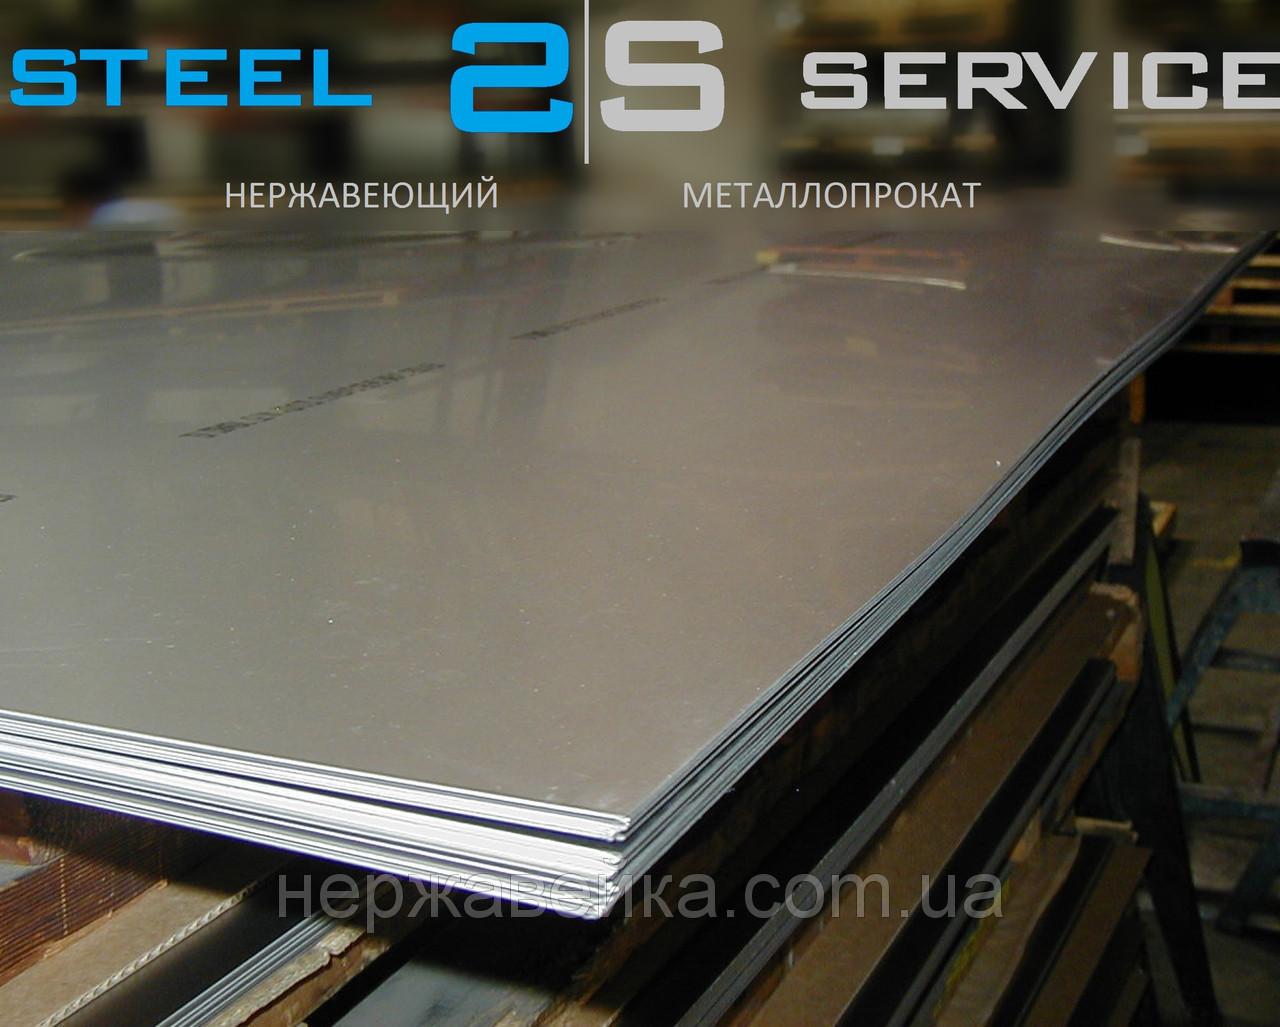 Нержавеющий лист 8х1000х2000мм  AISI 316Ti(10Х17Н13М2Т) F1 - горячекатанный,  кислотостойкий